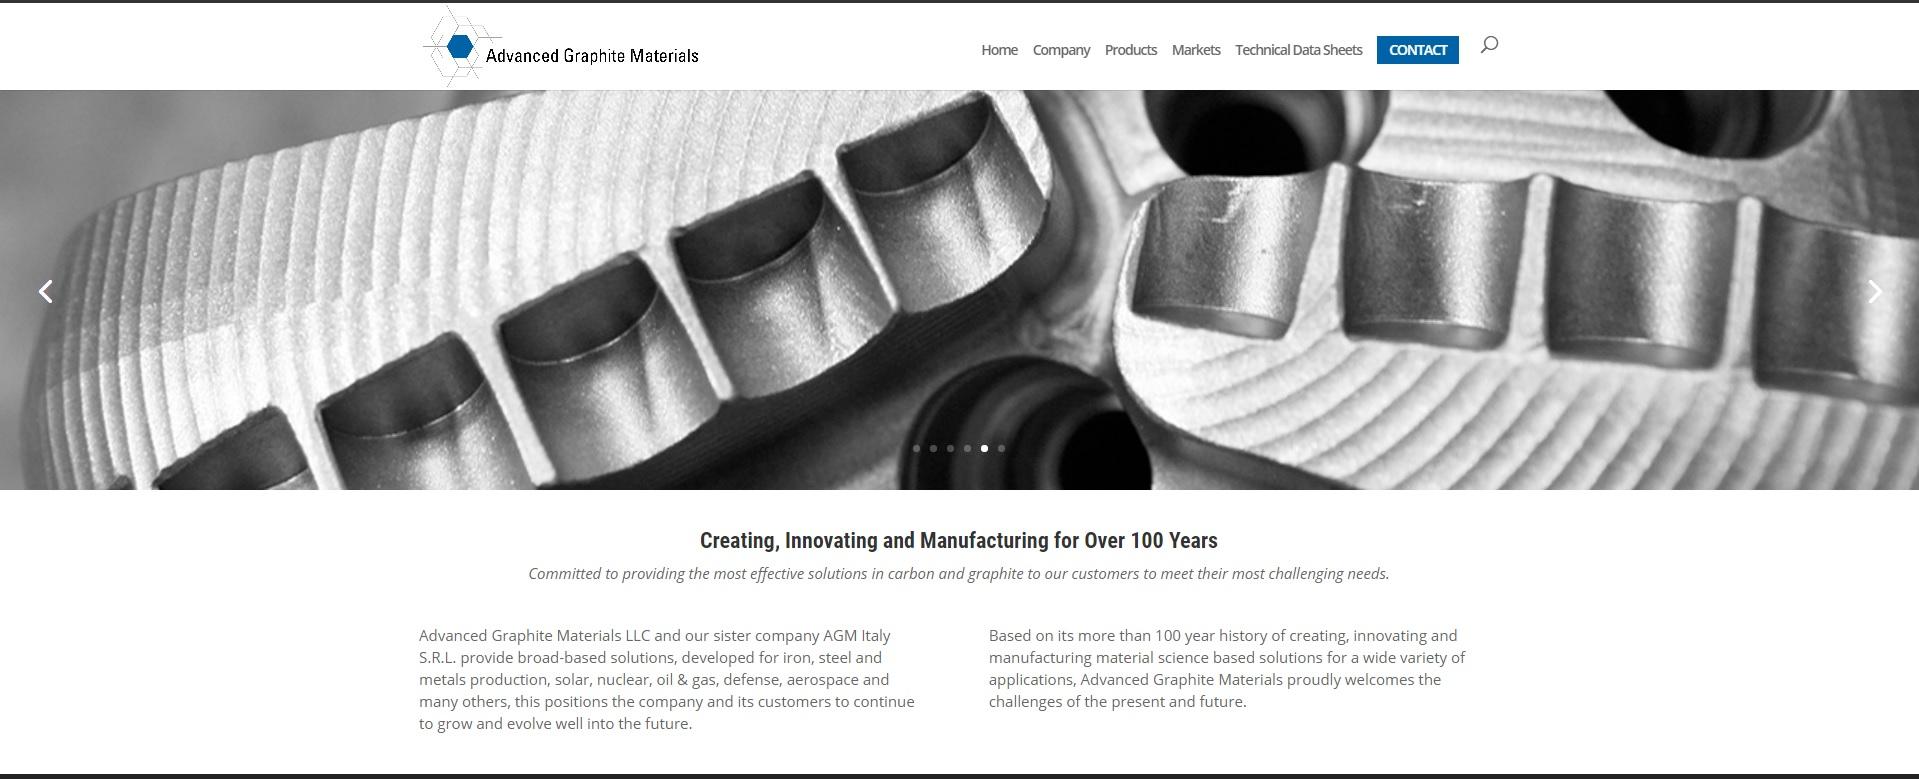 Advanced Graphite Materials